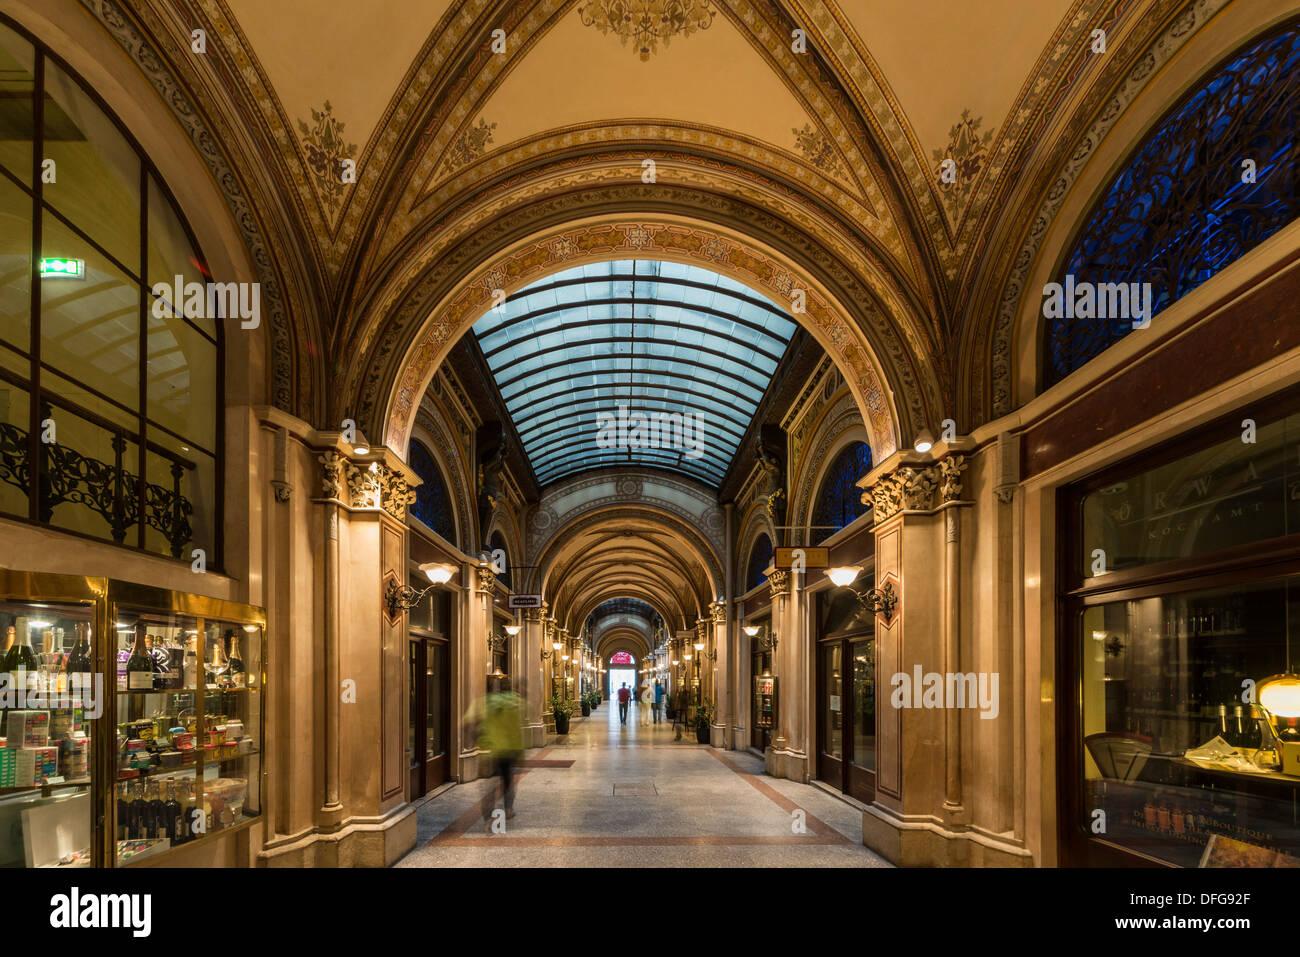 Freyung Passage or Ferstel Passage shopping arcade, Innere Stadt, Vienna, Vienna State, Austria - Stock Image